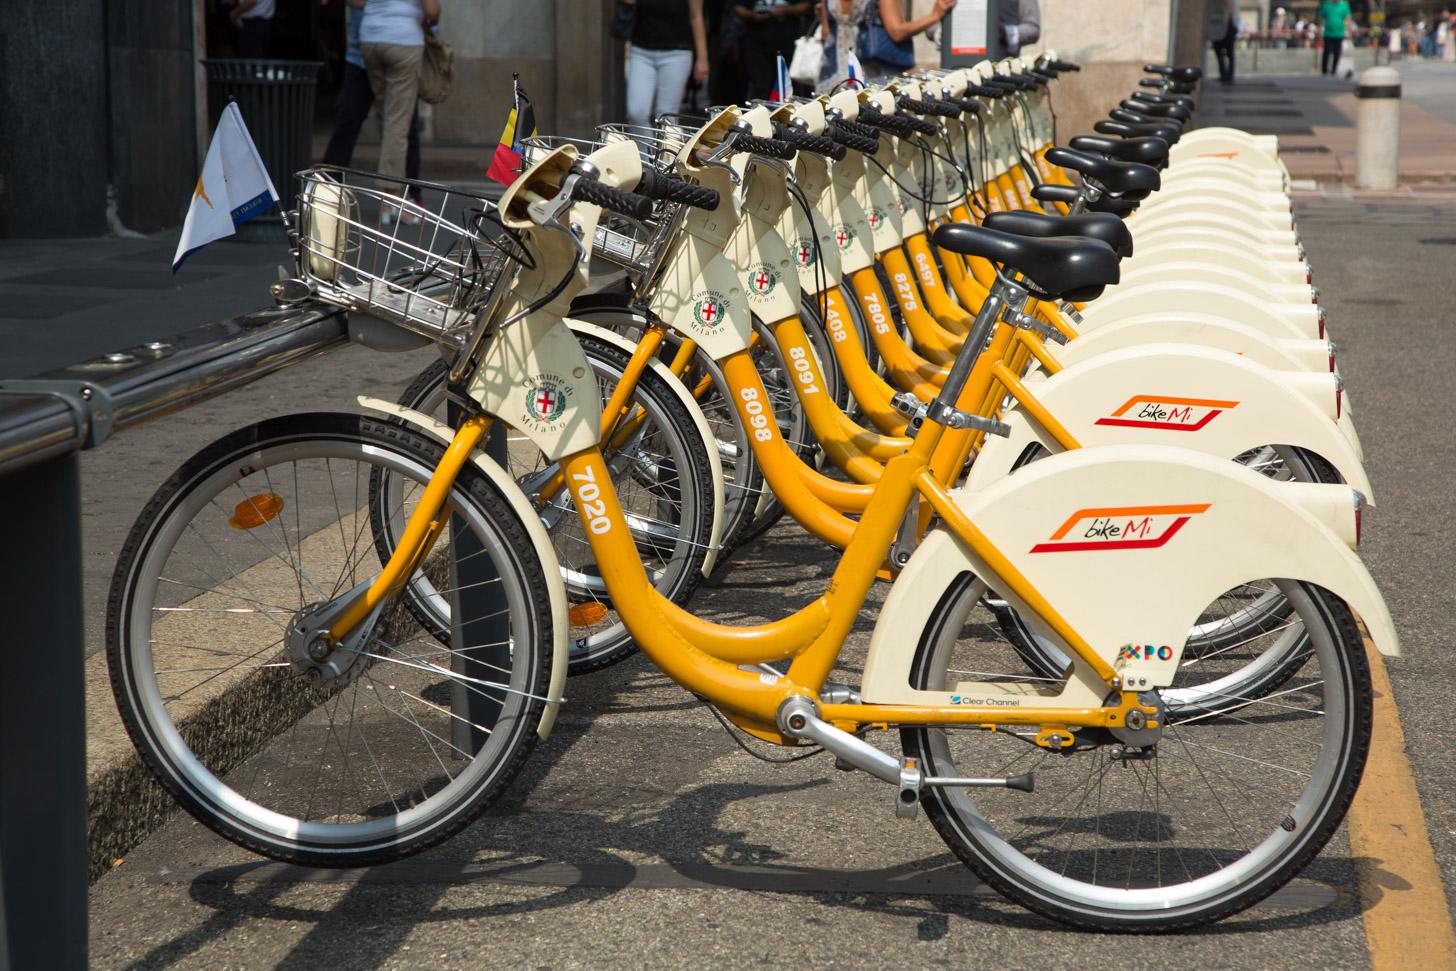 De voordelige fietsen die je kunt huren bij onbemande fietstations.